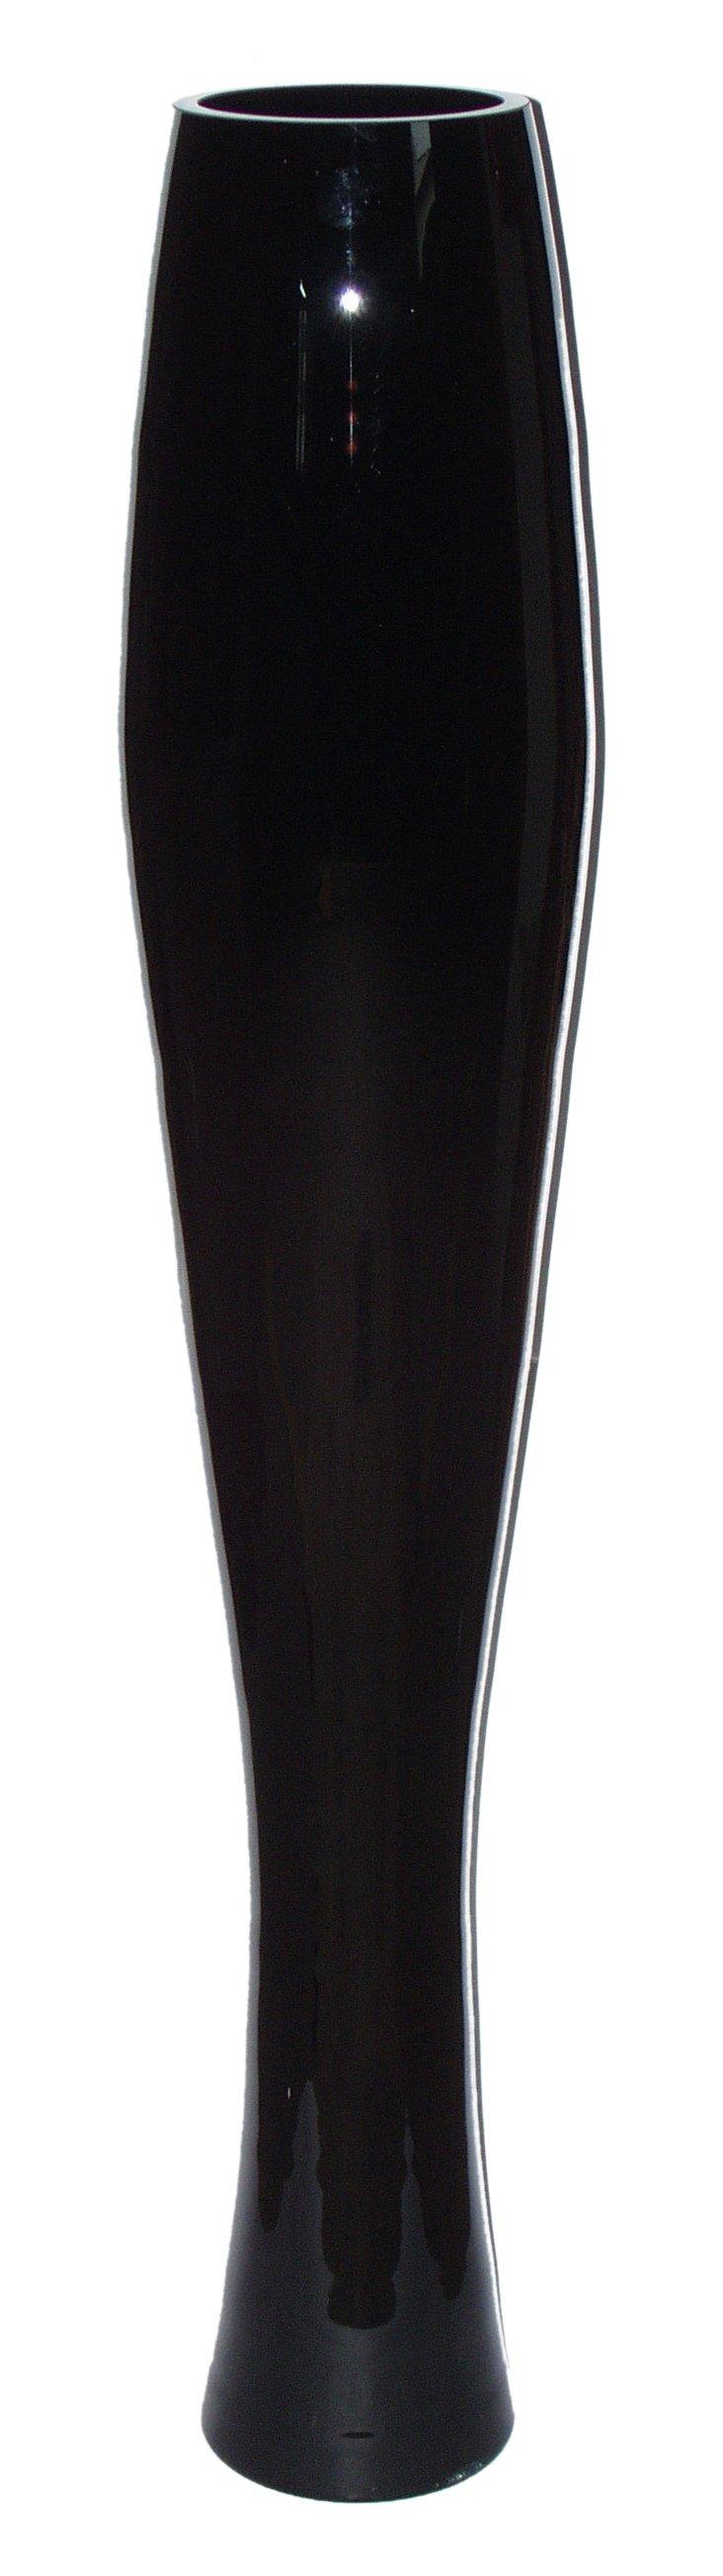 Vice Glass Vase, Black